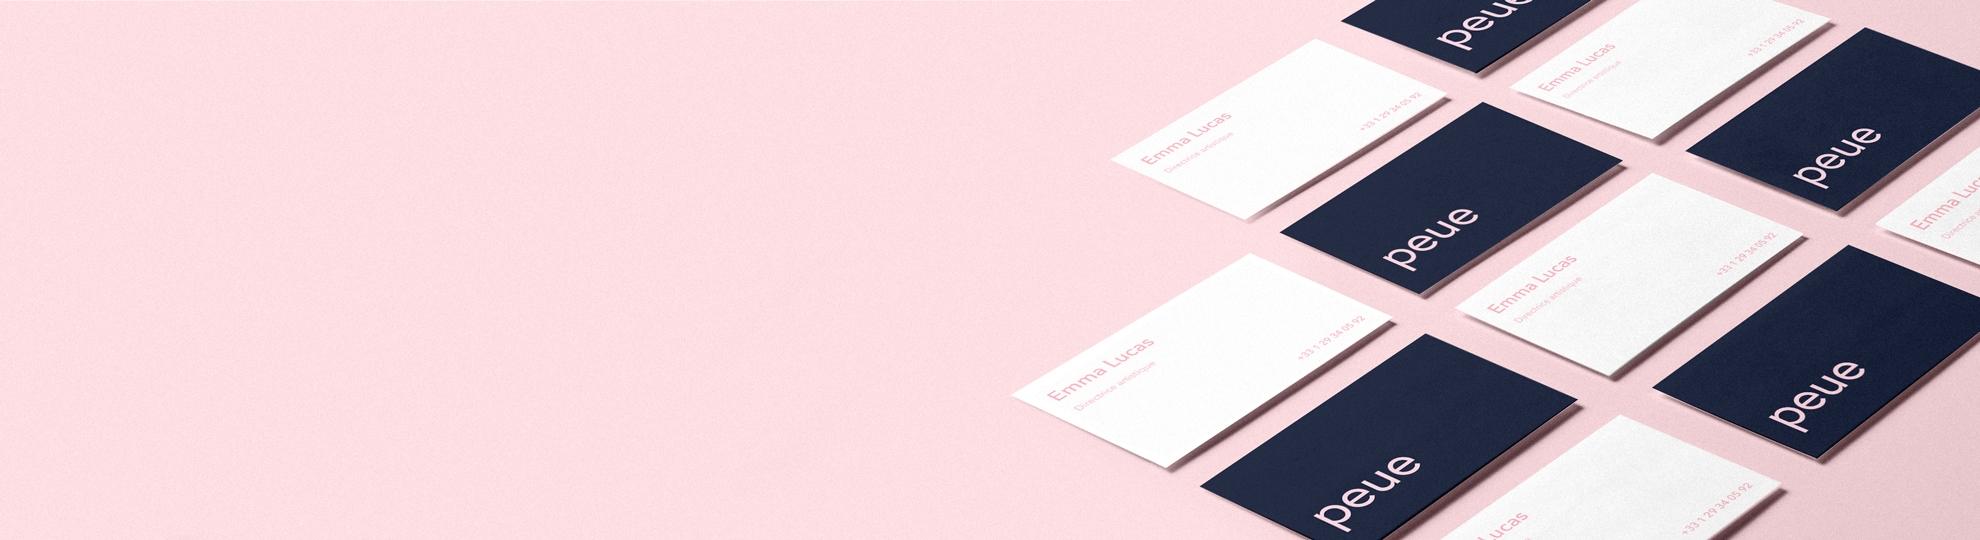 Imprimer carte de visite personnalisée express